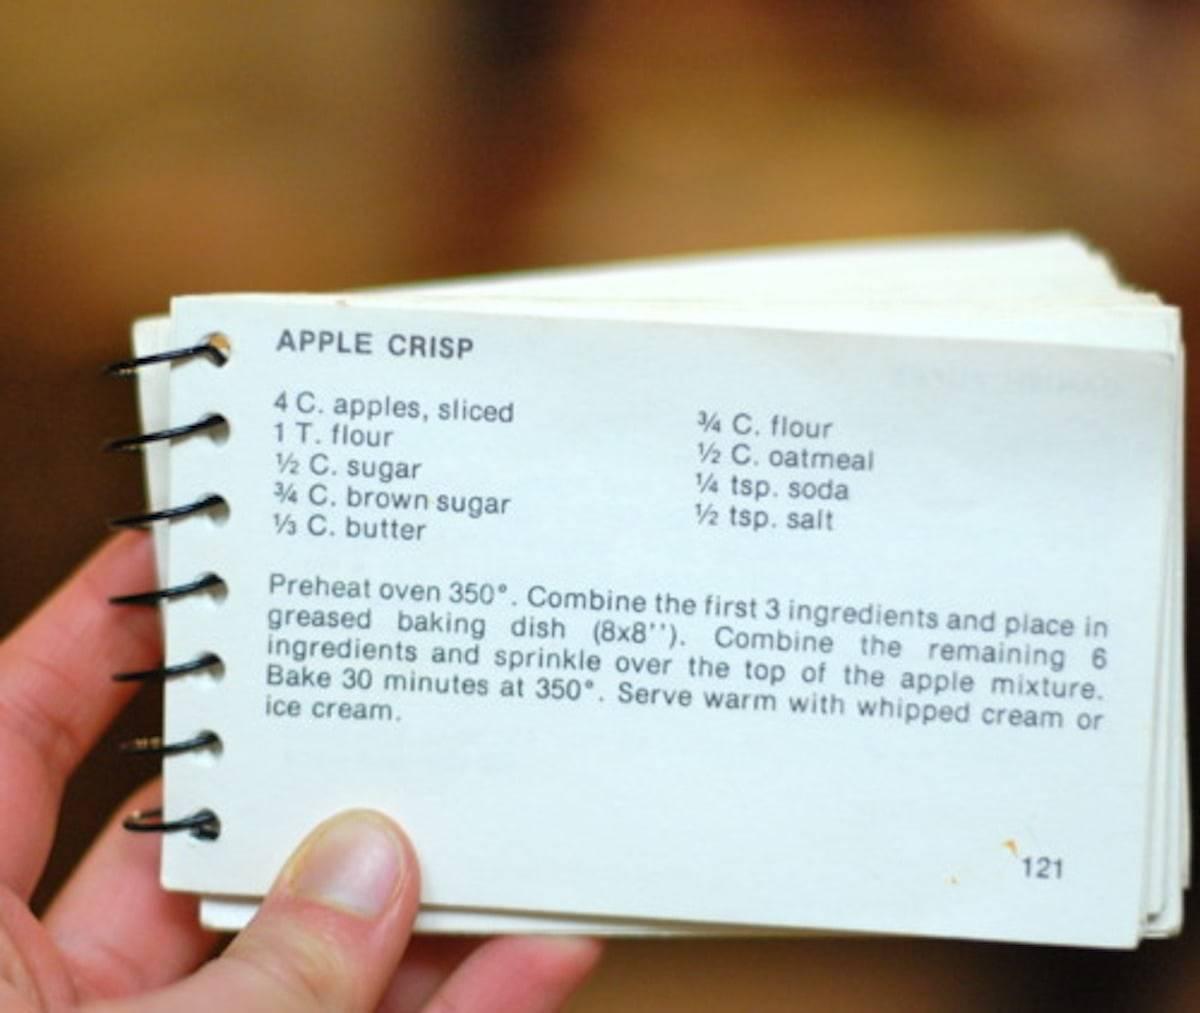 Apple Crisp Recipe On A Card